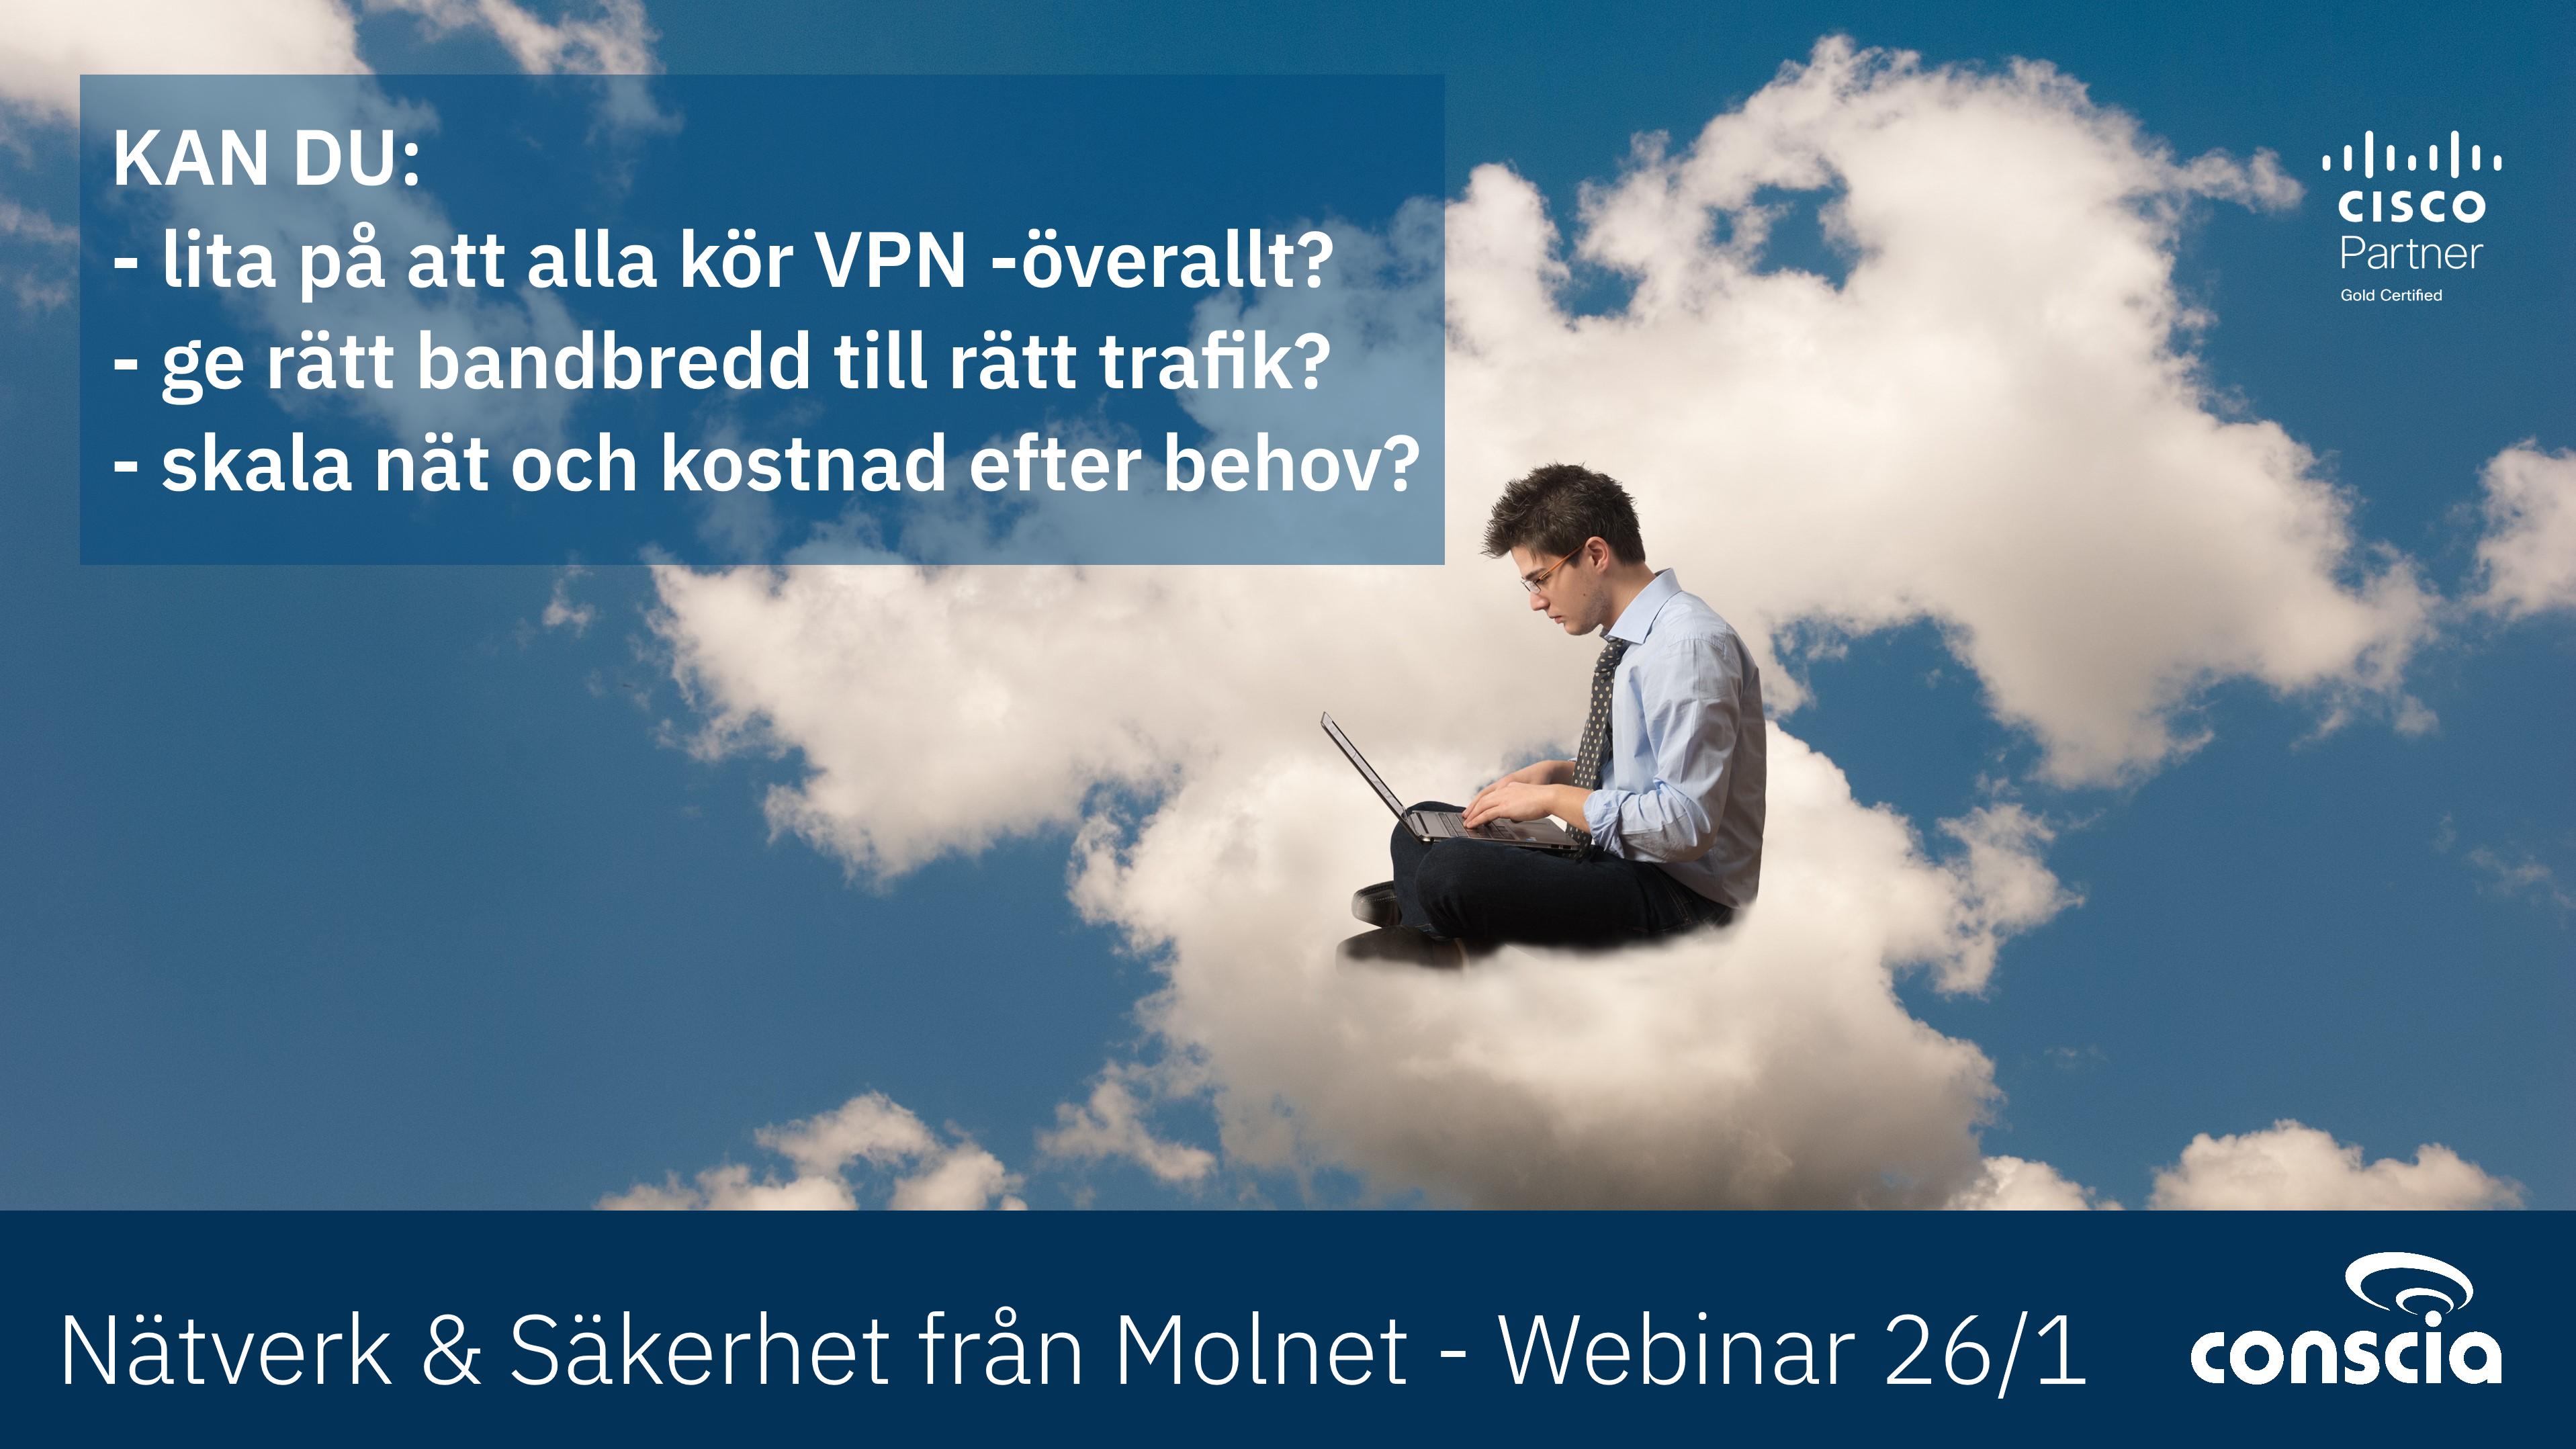 Conscia Cloud IT som tjänst Nätverk säkerhet från molnet webinar